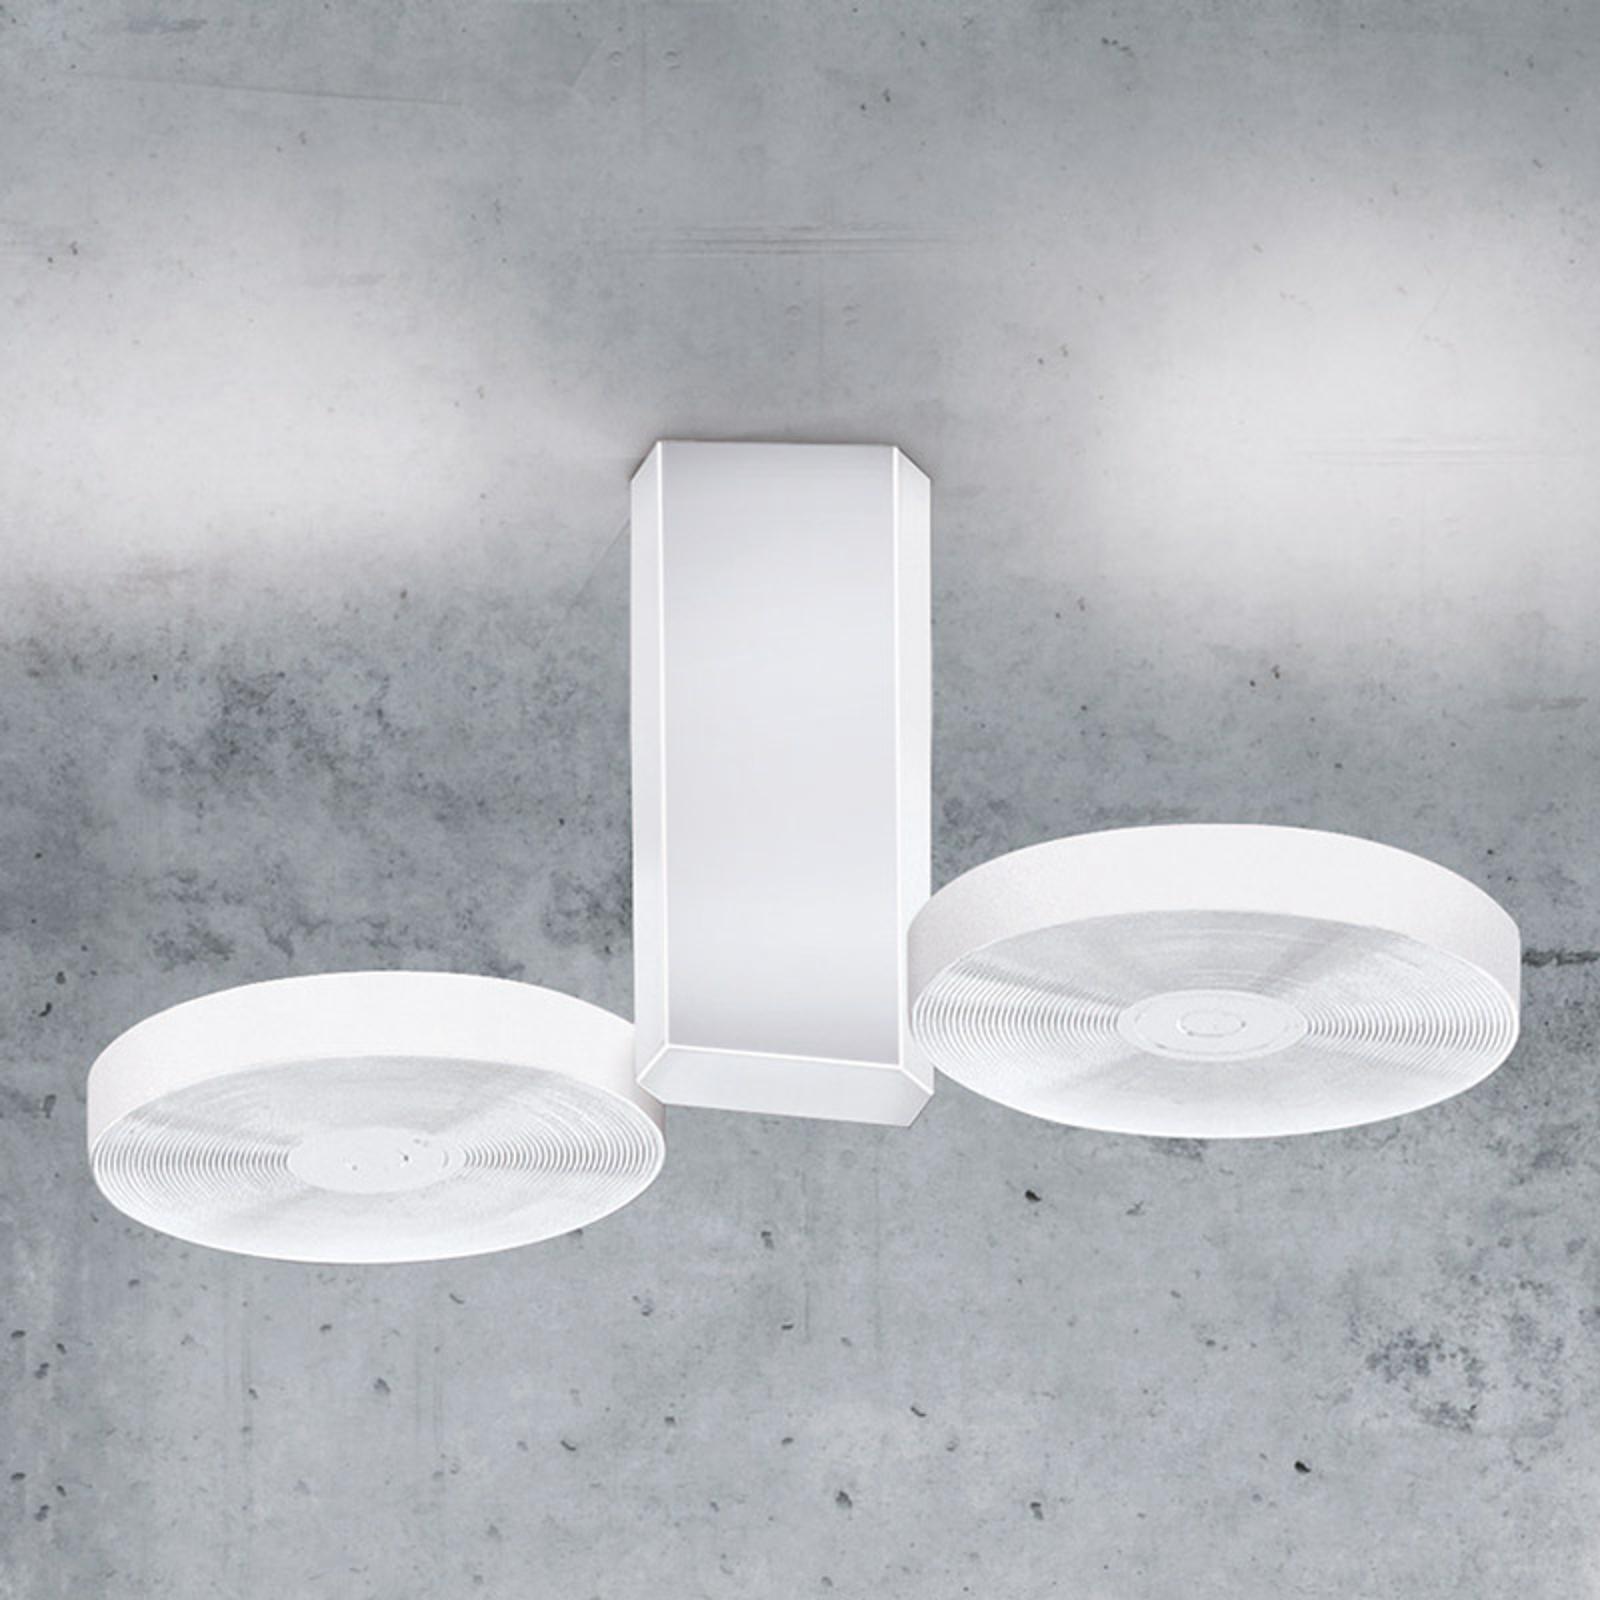 CIDI LED ceiling light, white_6701336_1